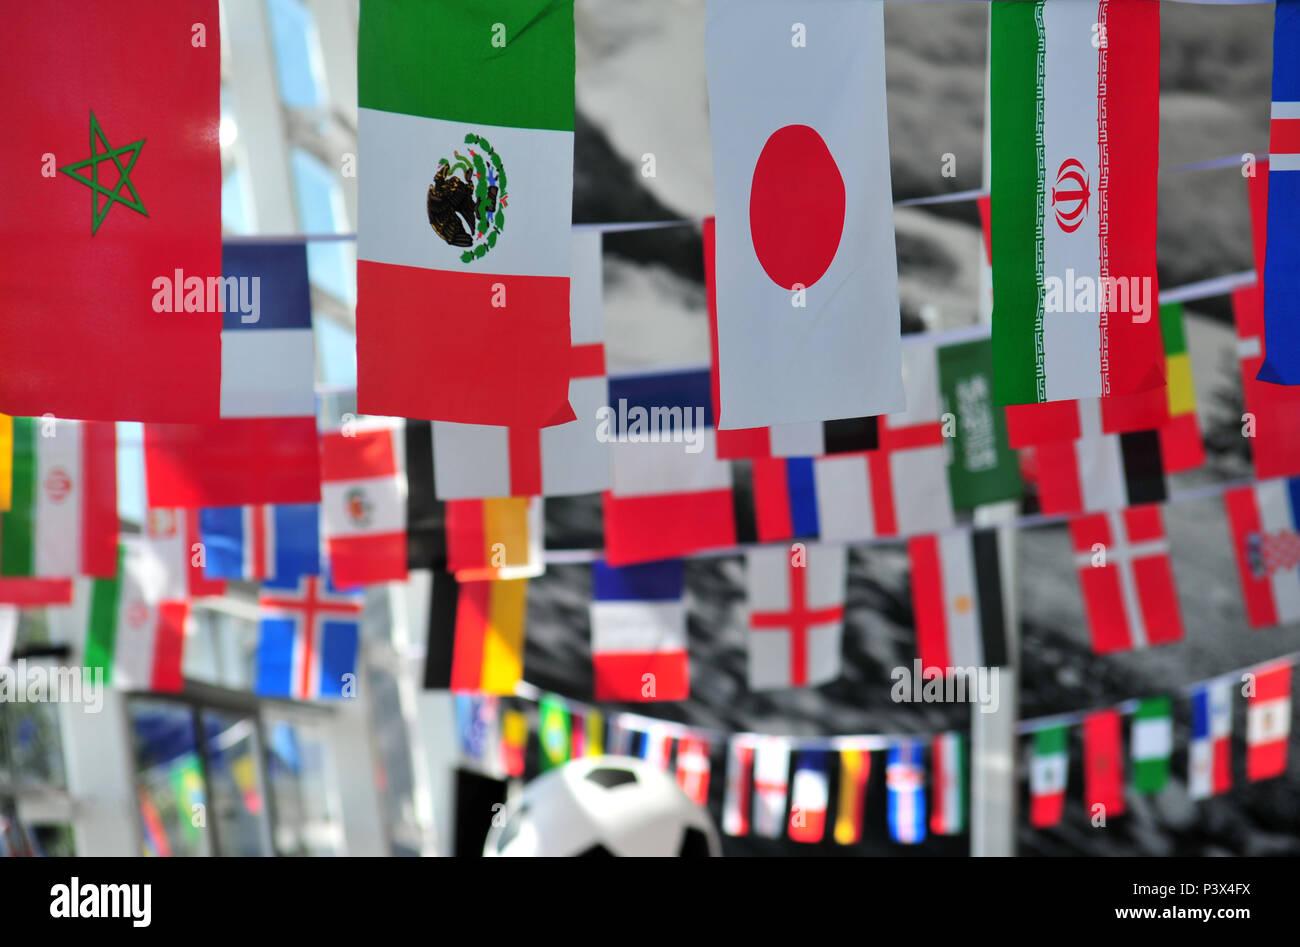 Flaggen Verschiedener Lander Spielen In 2018 Fussball Wm